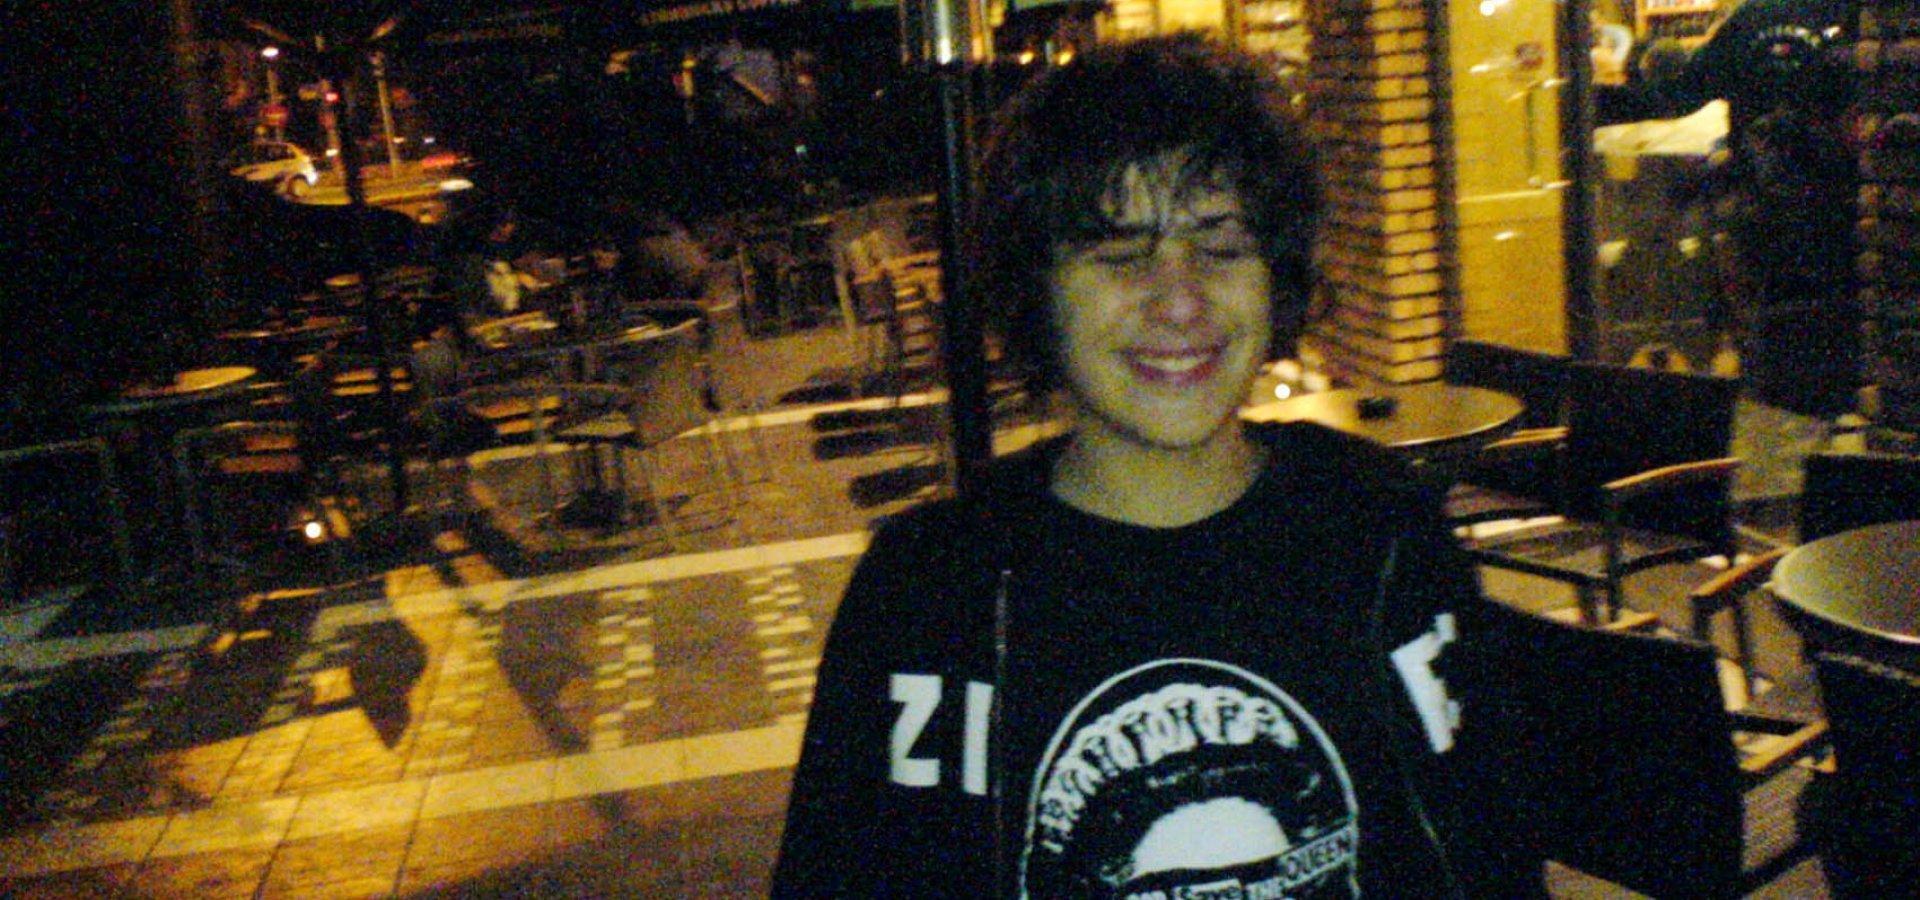 Η νύχτα που δολοφονήθηκε ο Γρηγορόπουλος | Έθνος